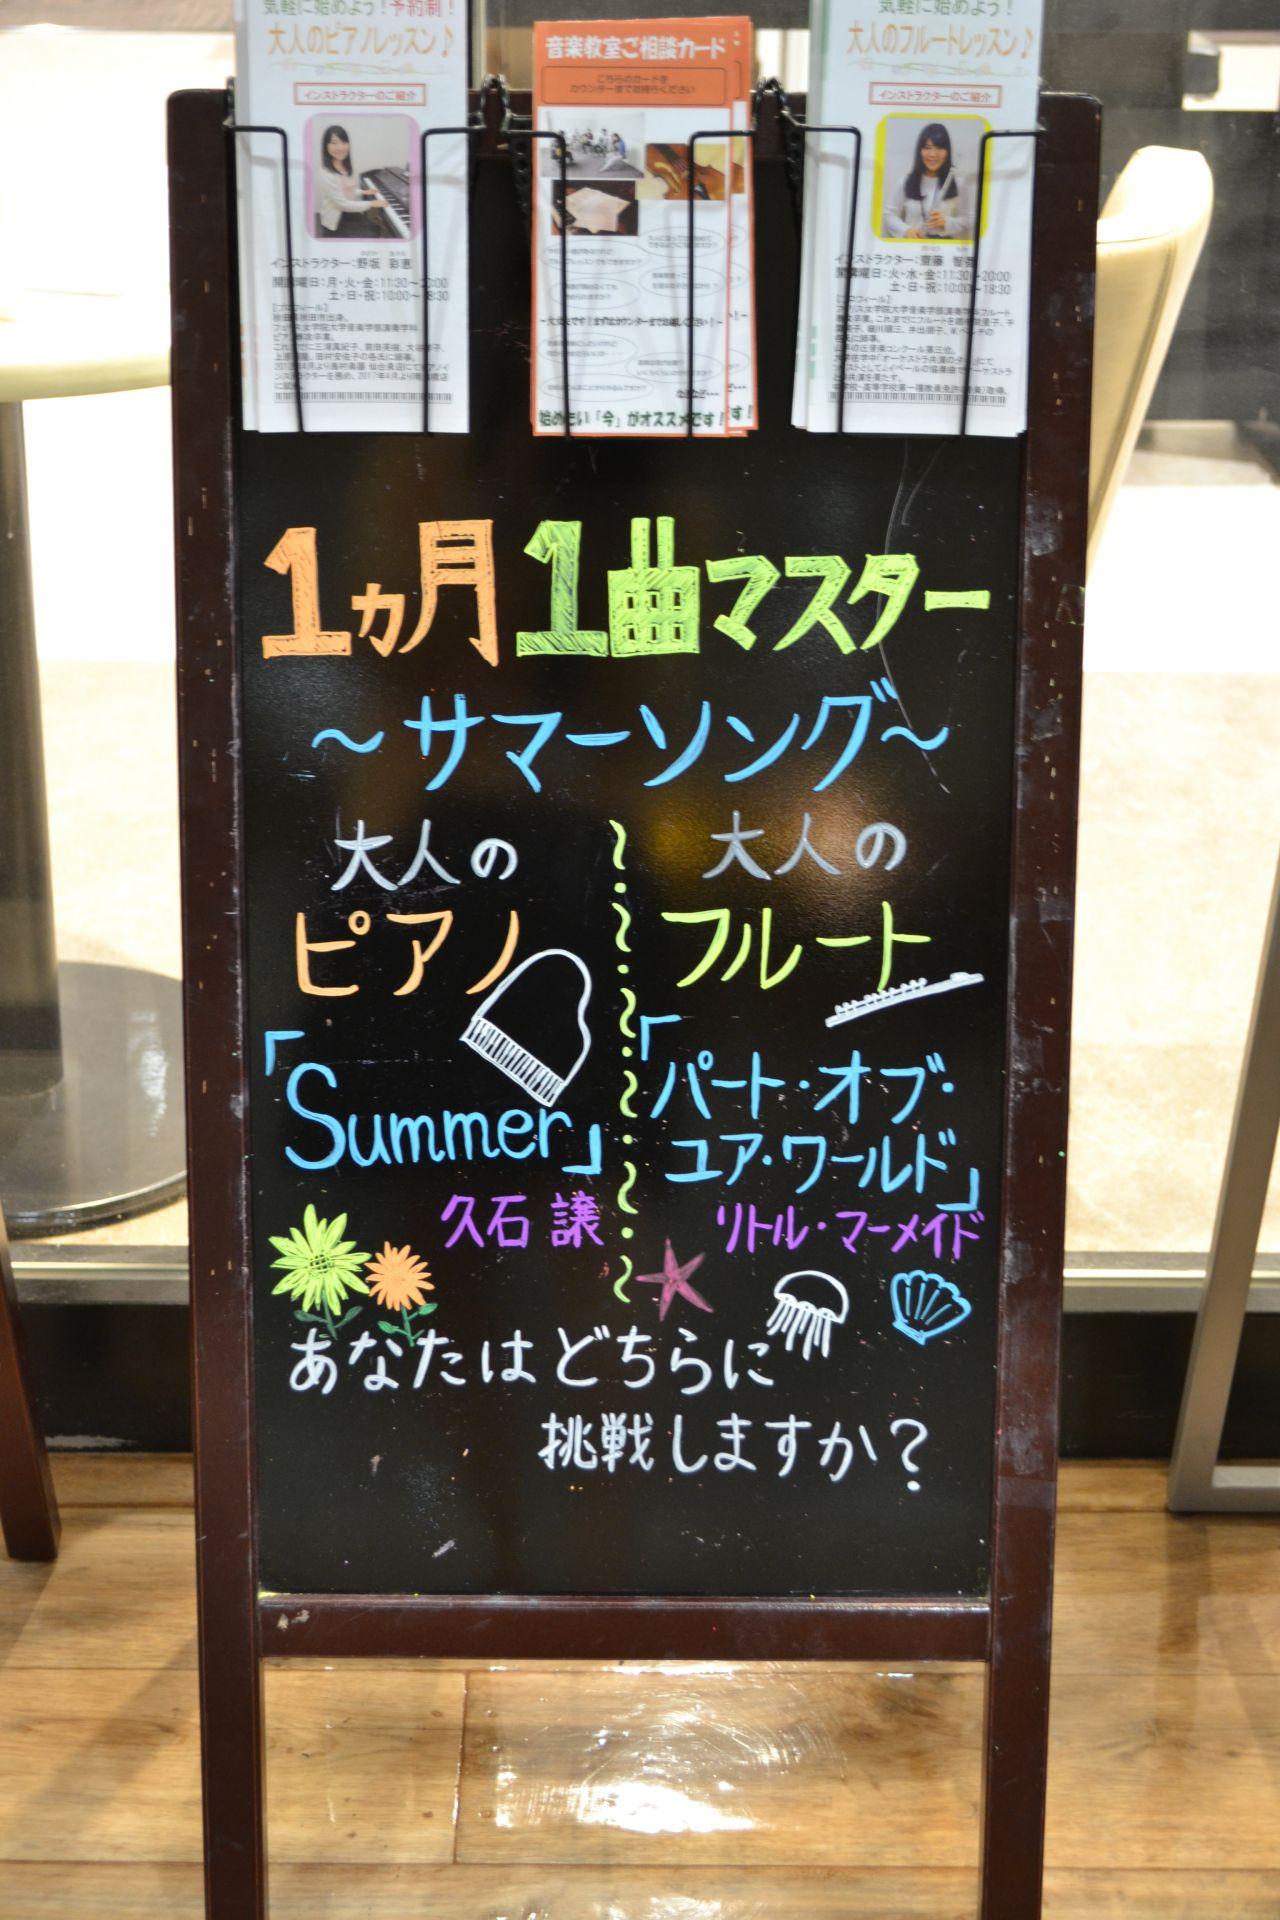 島村楽器 南船橋 1ヵ月 Summer ピアノ